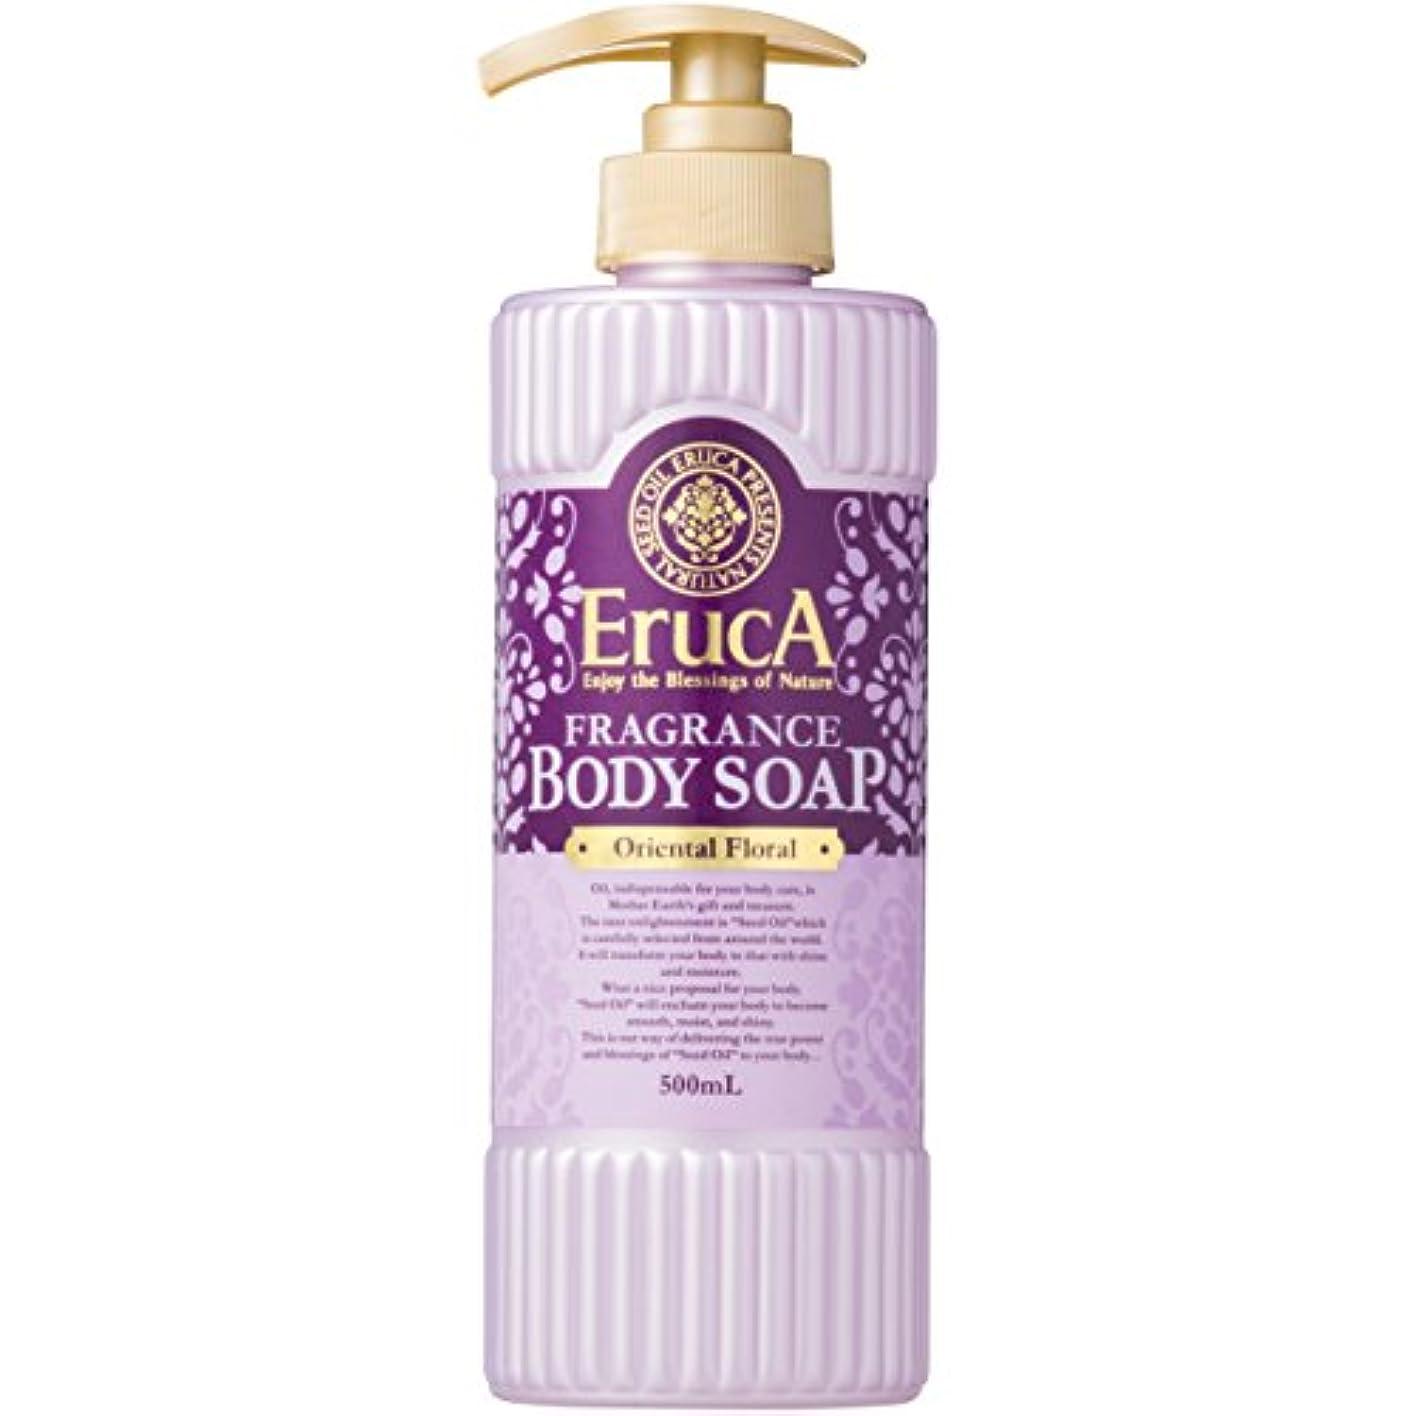 噂香り真っ逆さまエルーカ フレグランスボディソープ オリエンタルフローラルの香り 500ml